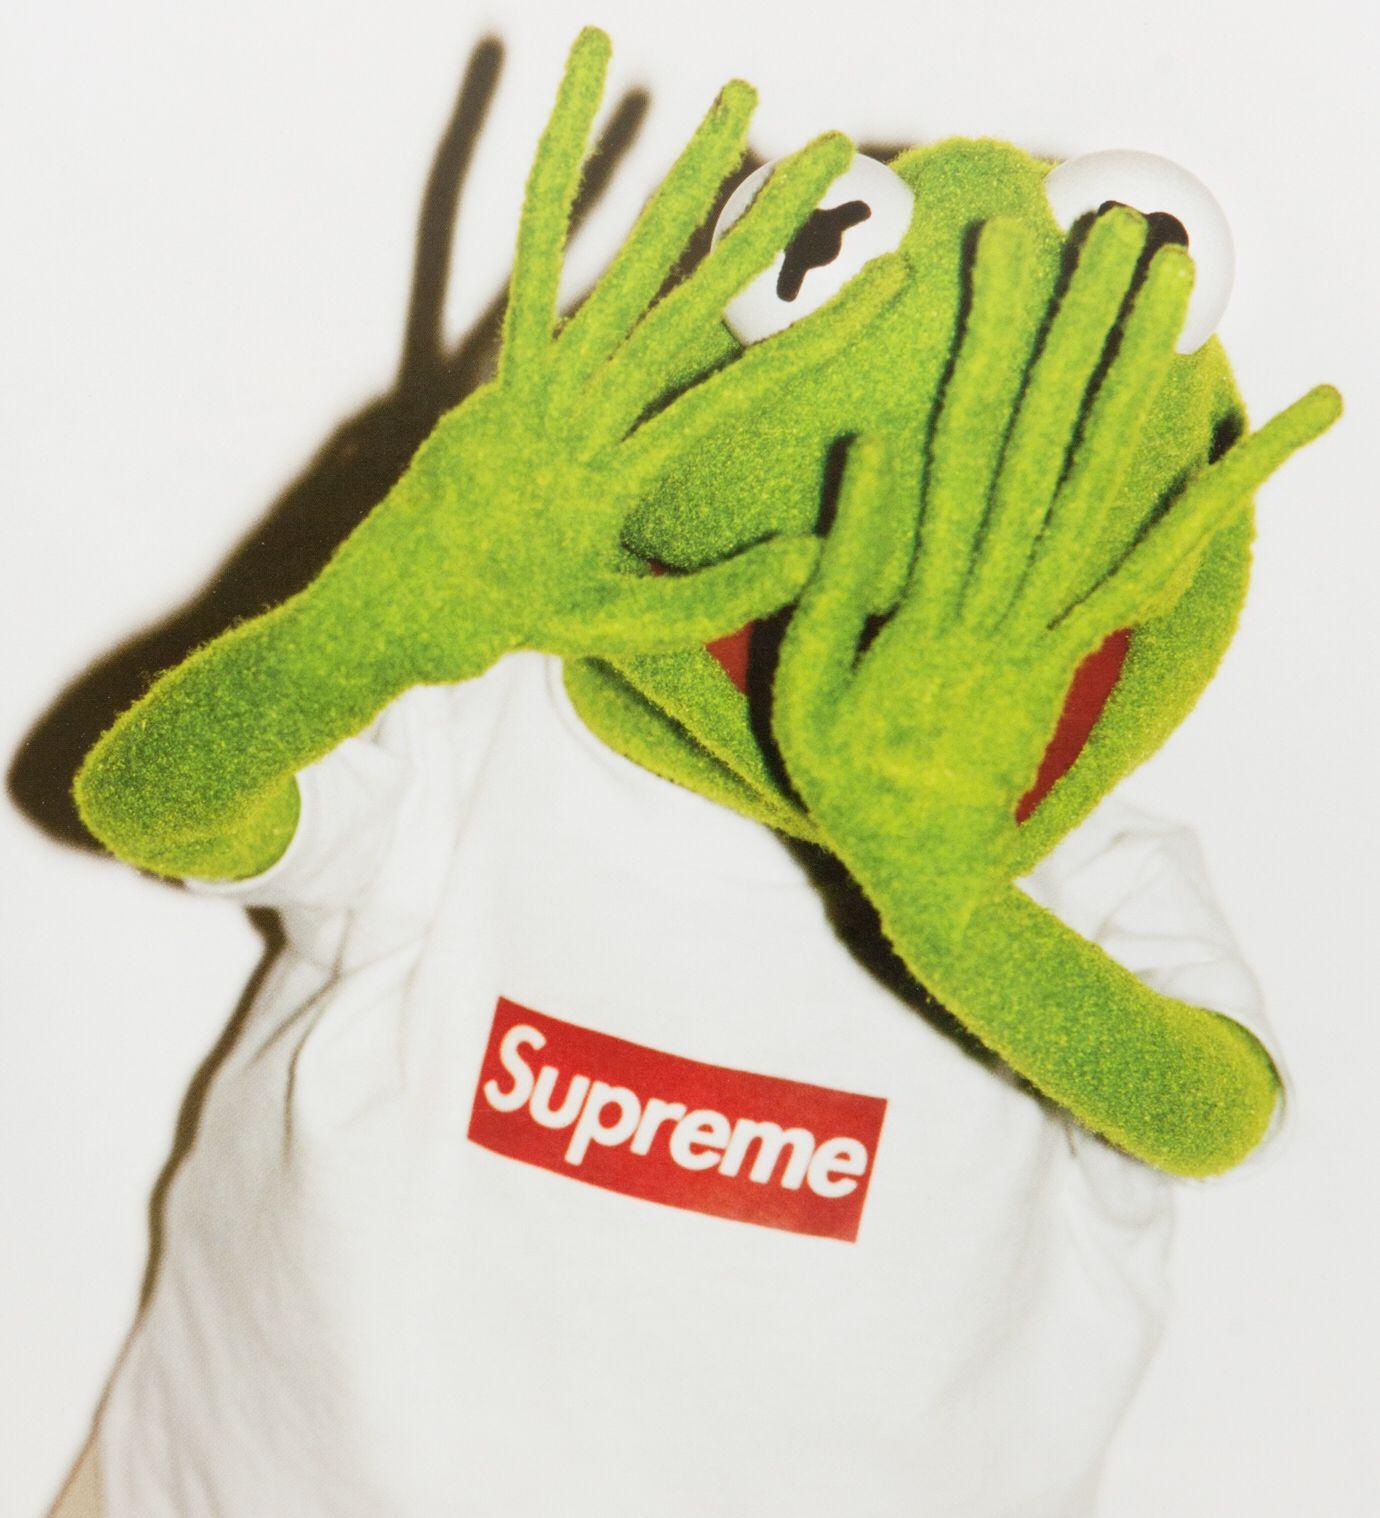 Supreme Kermit Wallpaper